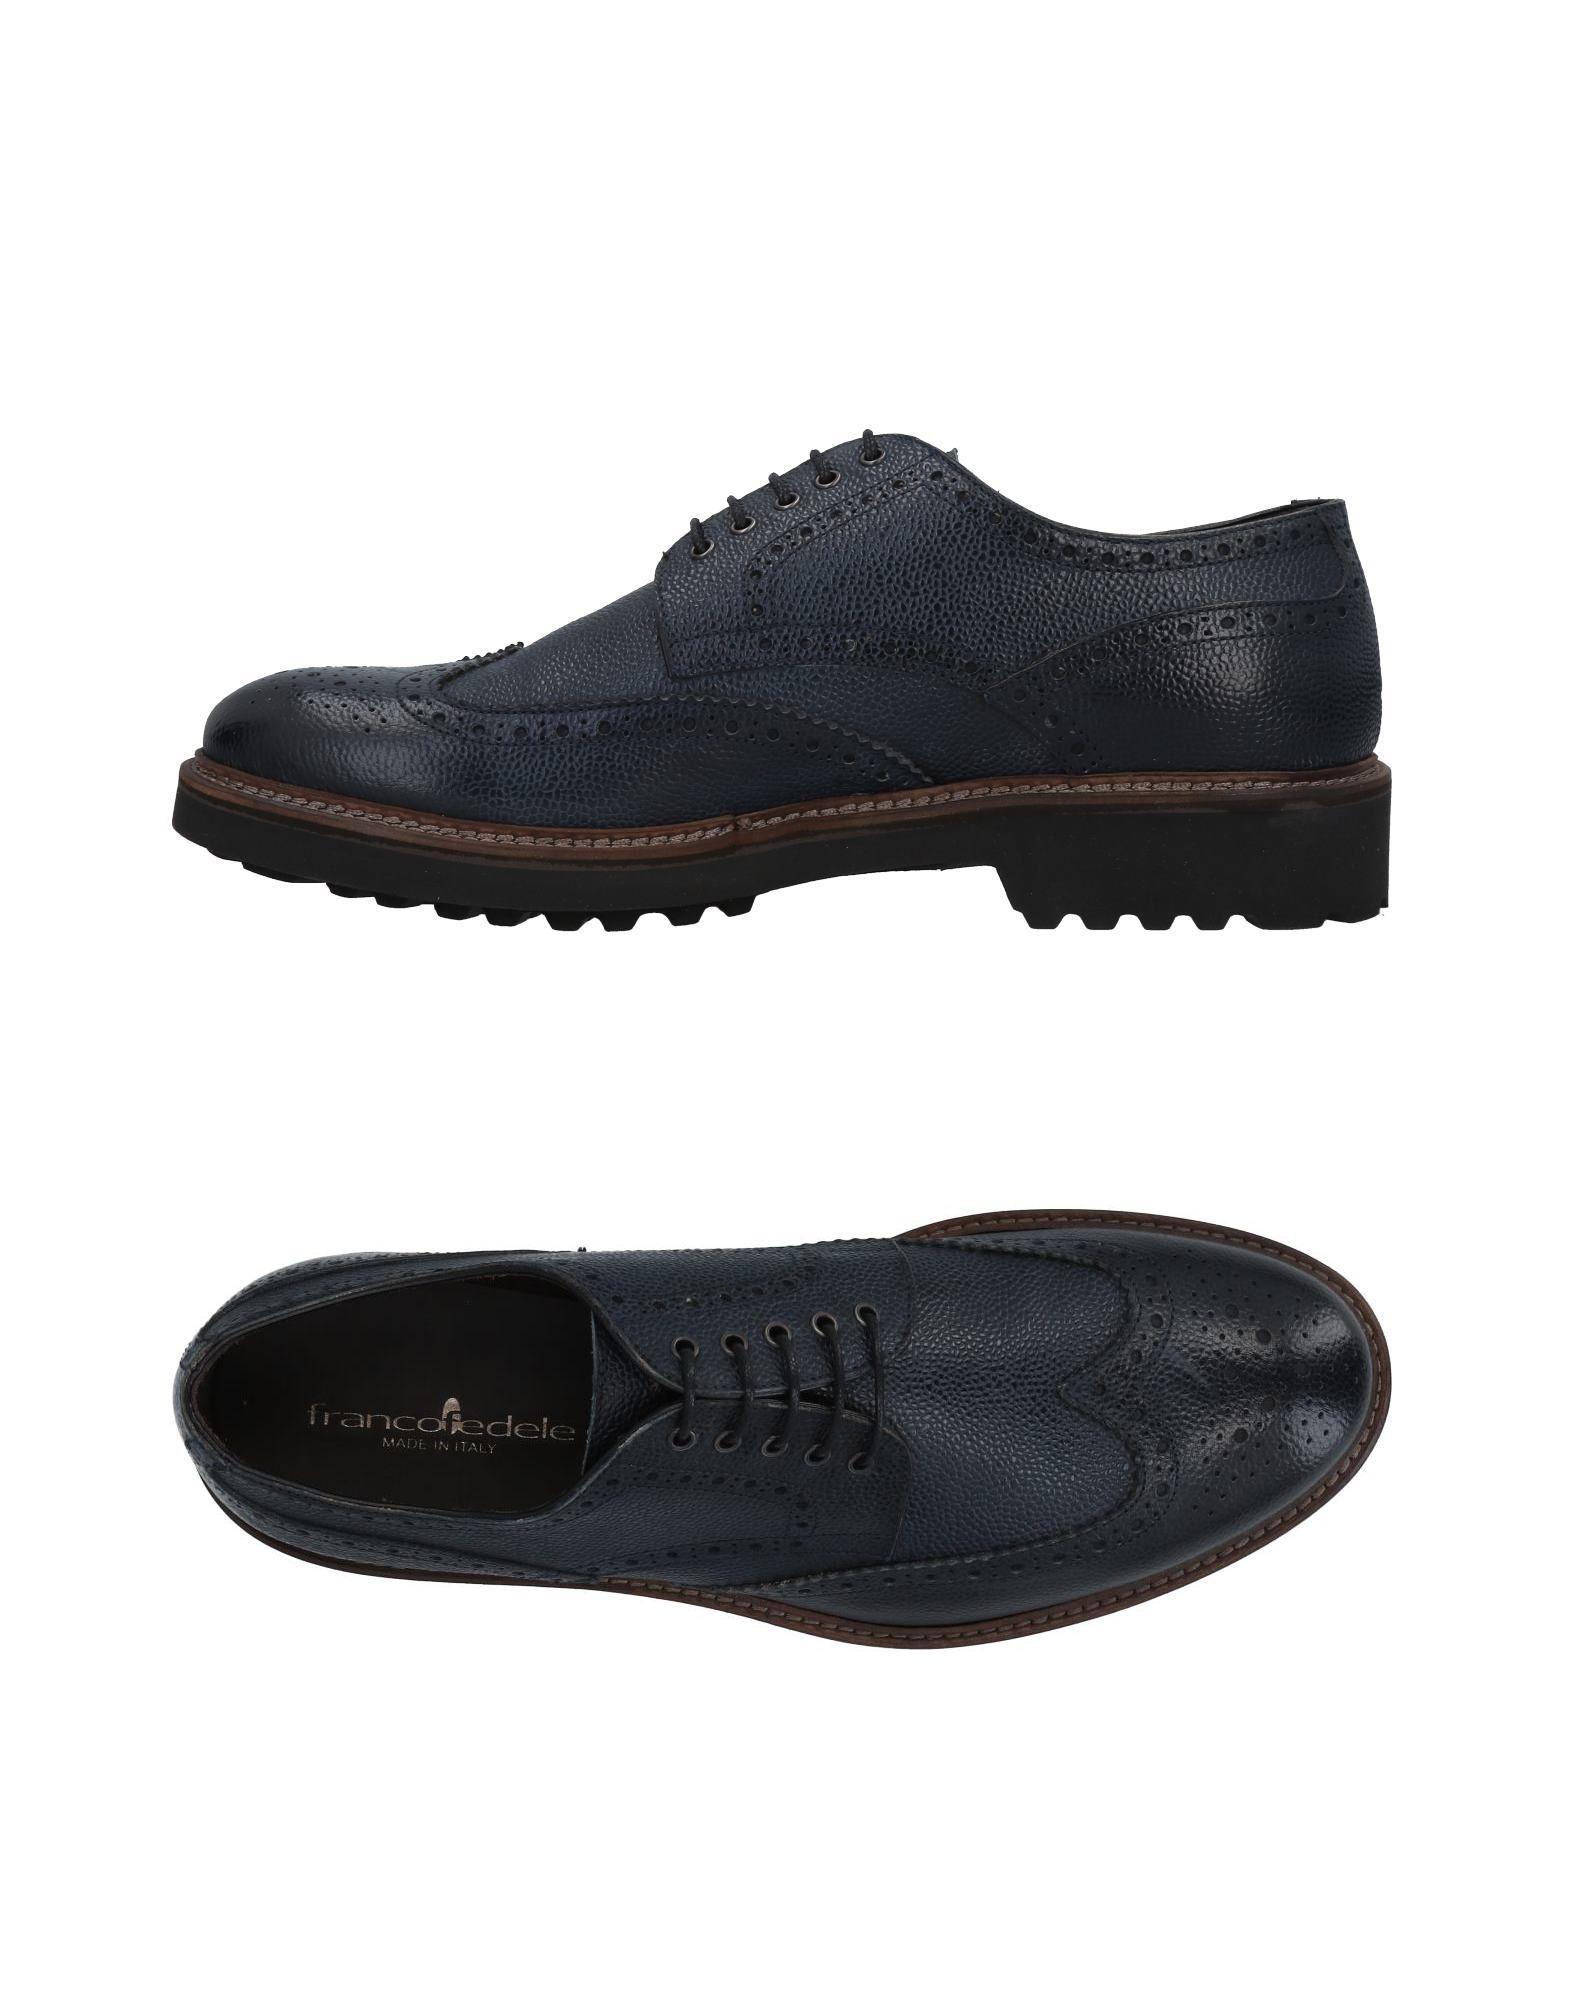 Rabatt echte Schnürschuhe Schuhe Franco Fedele Schnürschuhe echte Herren  11494393TC edd5ec 3f0a2323fd